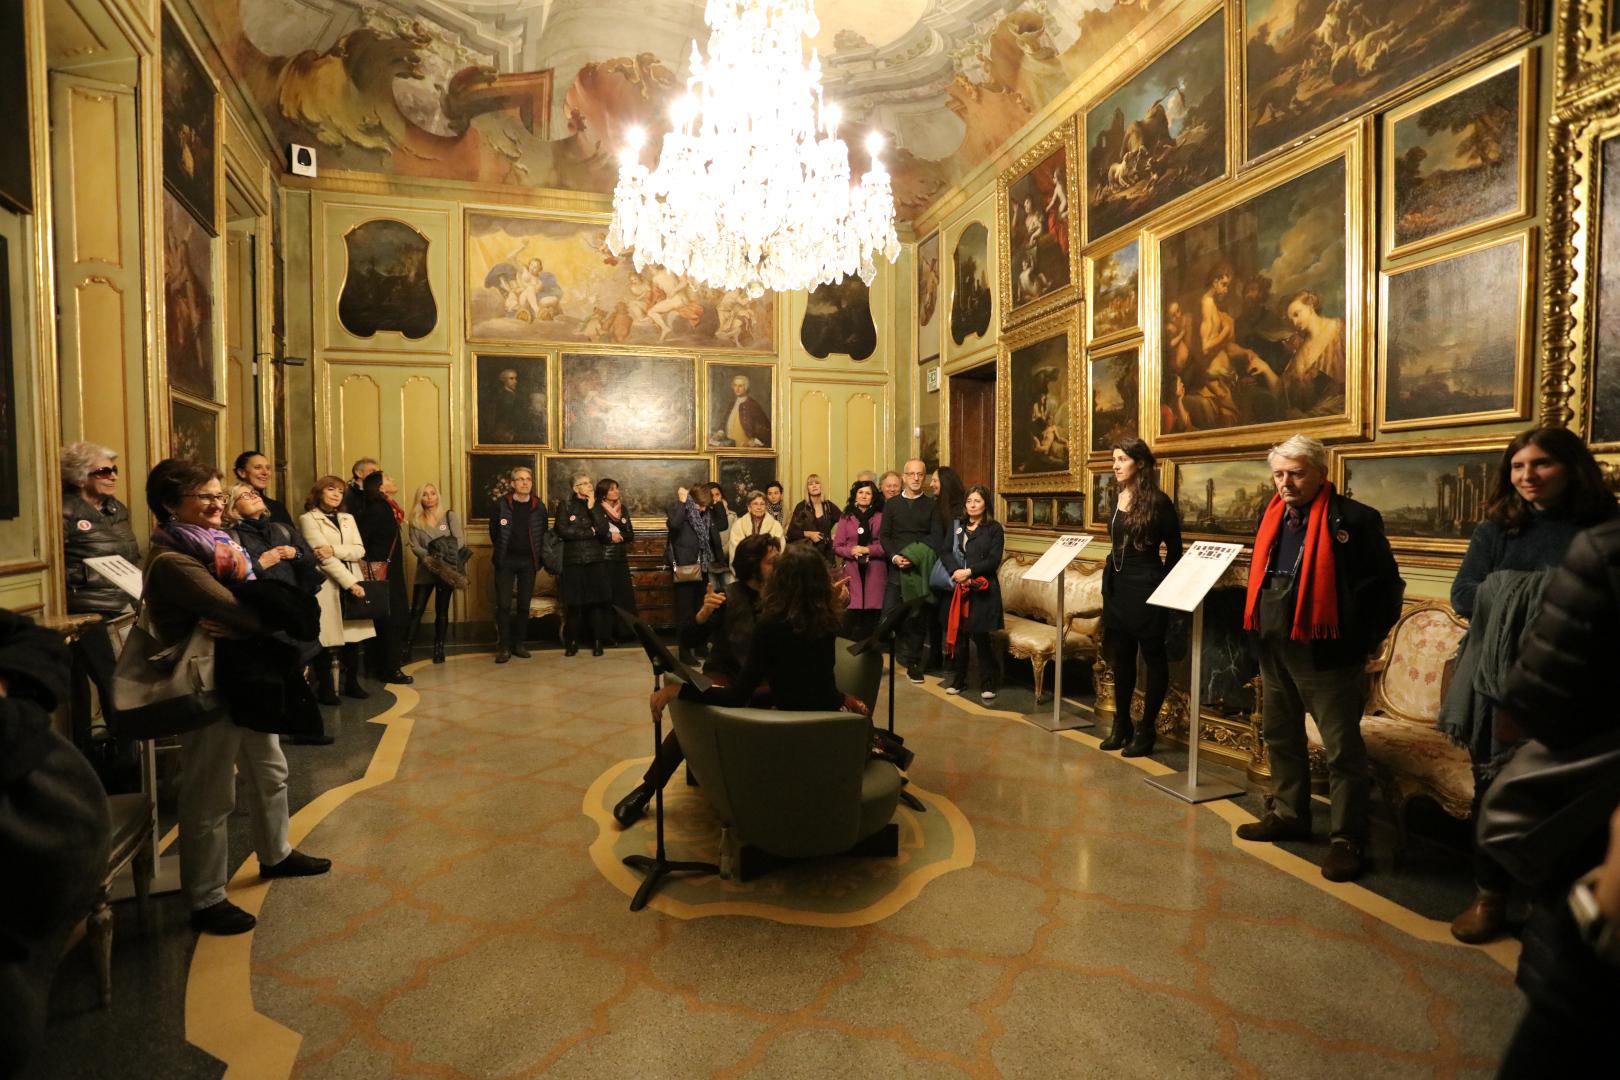 L'iniziativa 'Costume Moda e Immagine' a Palazzo Morando (foto Mario Benzioni)